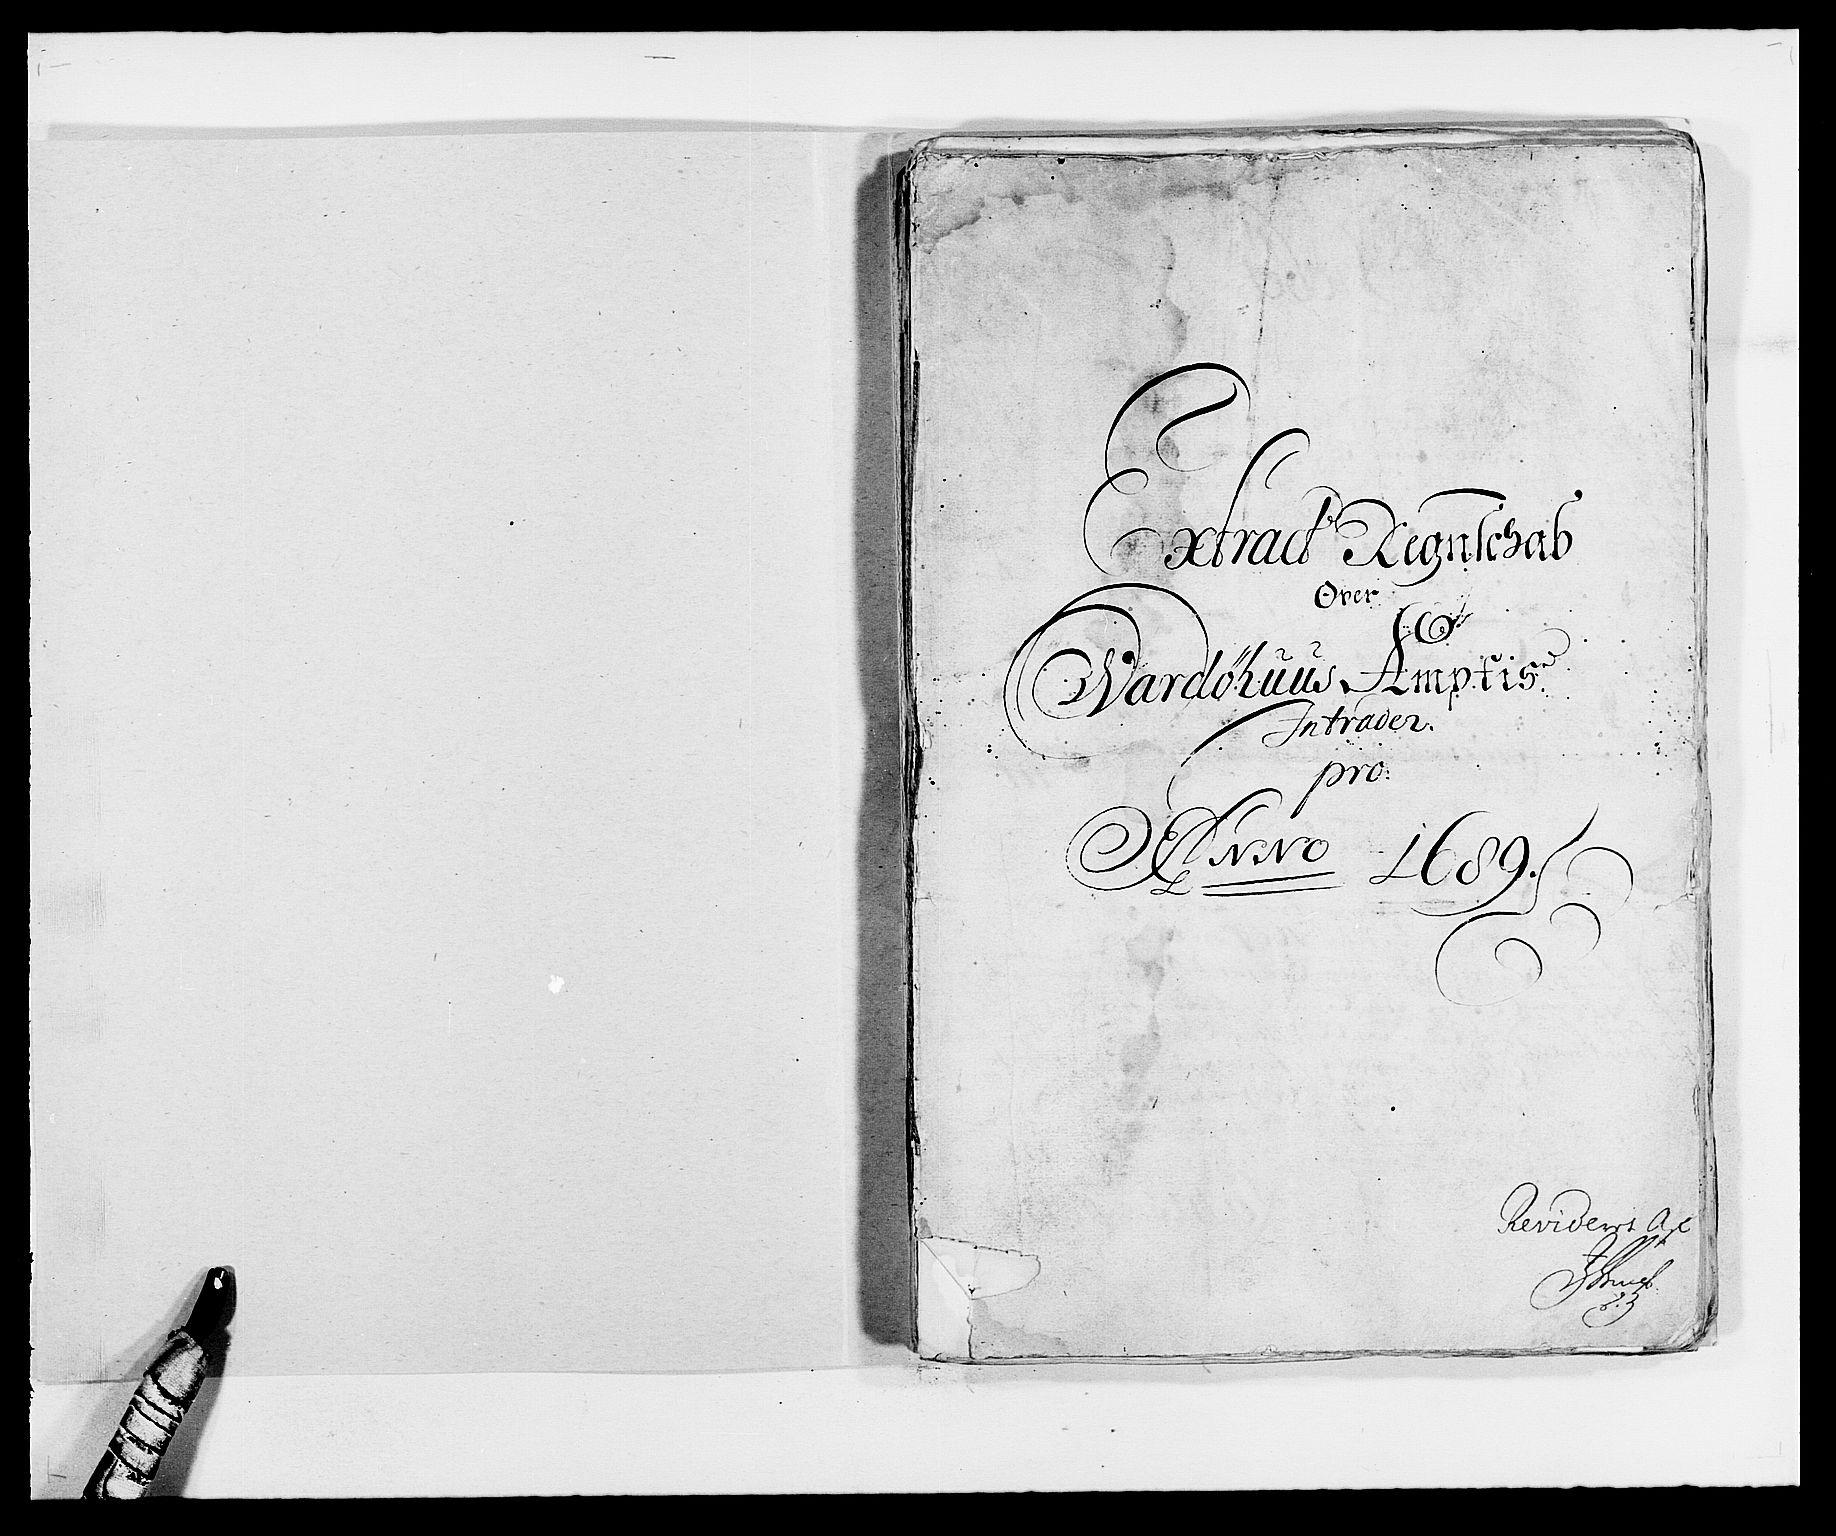 RA, Rentekammeret inntil 1814, Reviderte regnskaper, Fogderegnskap, R69/L4850: Fogderegnskap Finnmark/Vardøhus, 1680-1690, s. 114